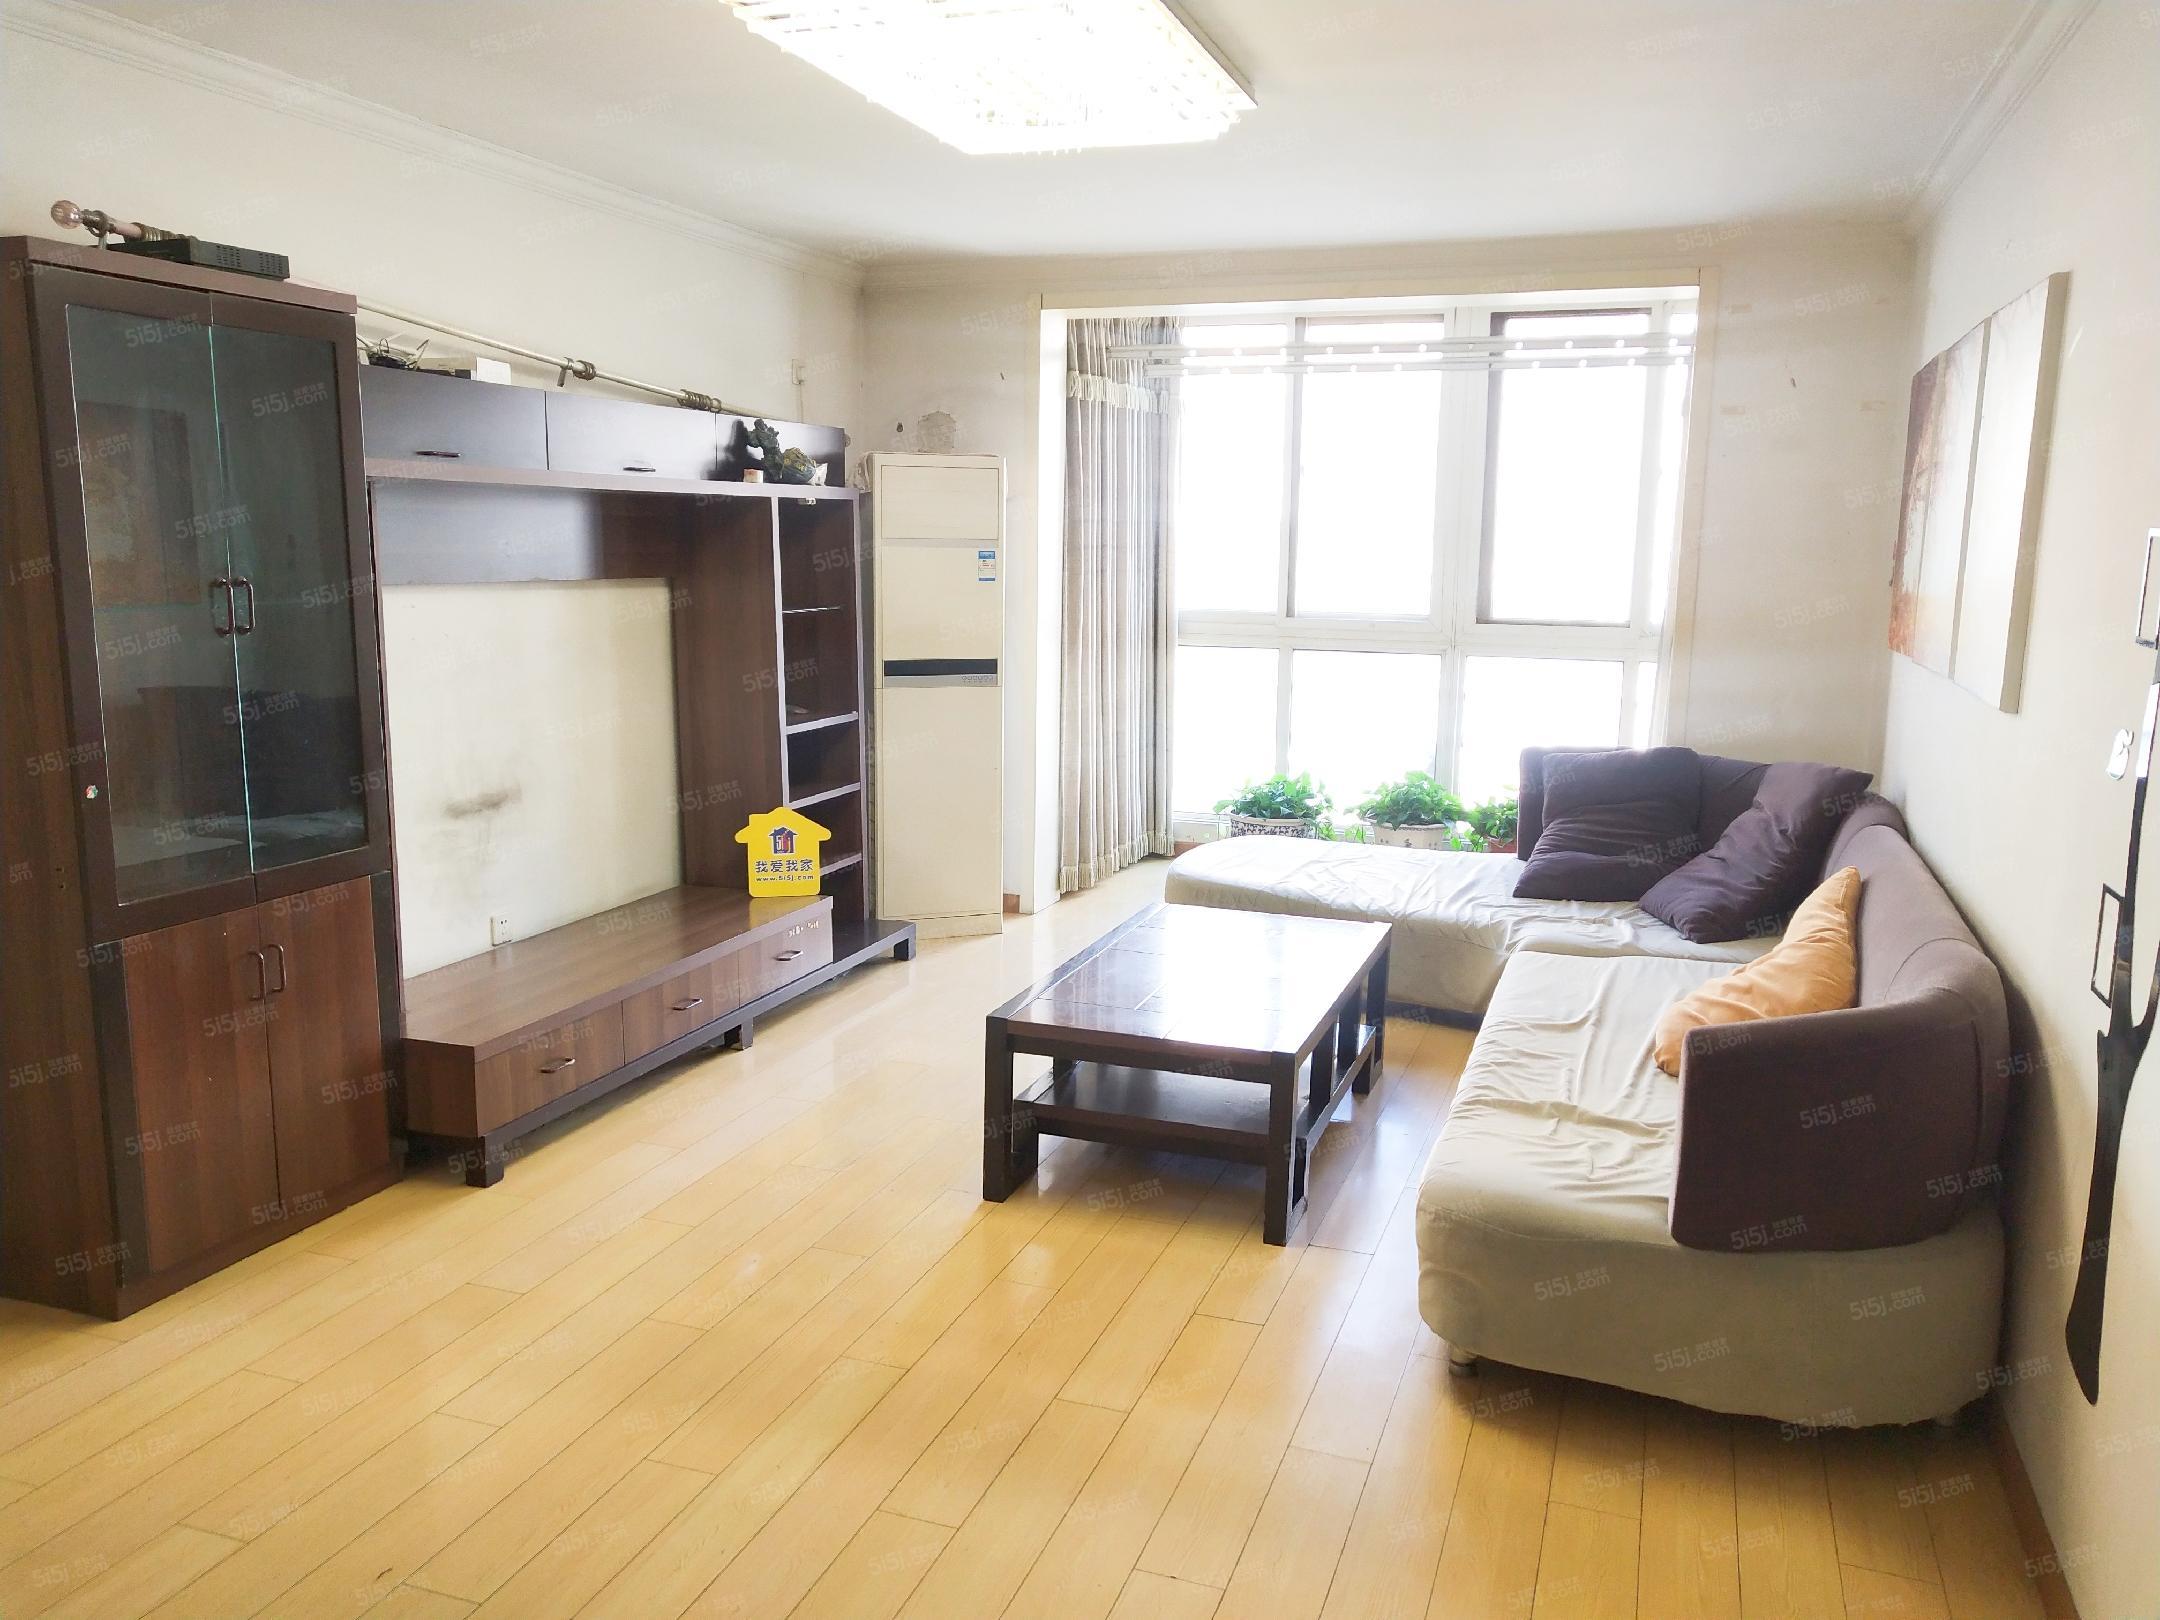 6号线杨庄北区西现代城 两居室 房子干净整洁 拎包入住